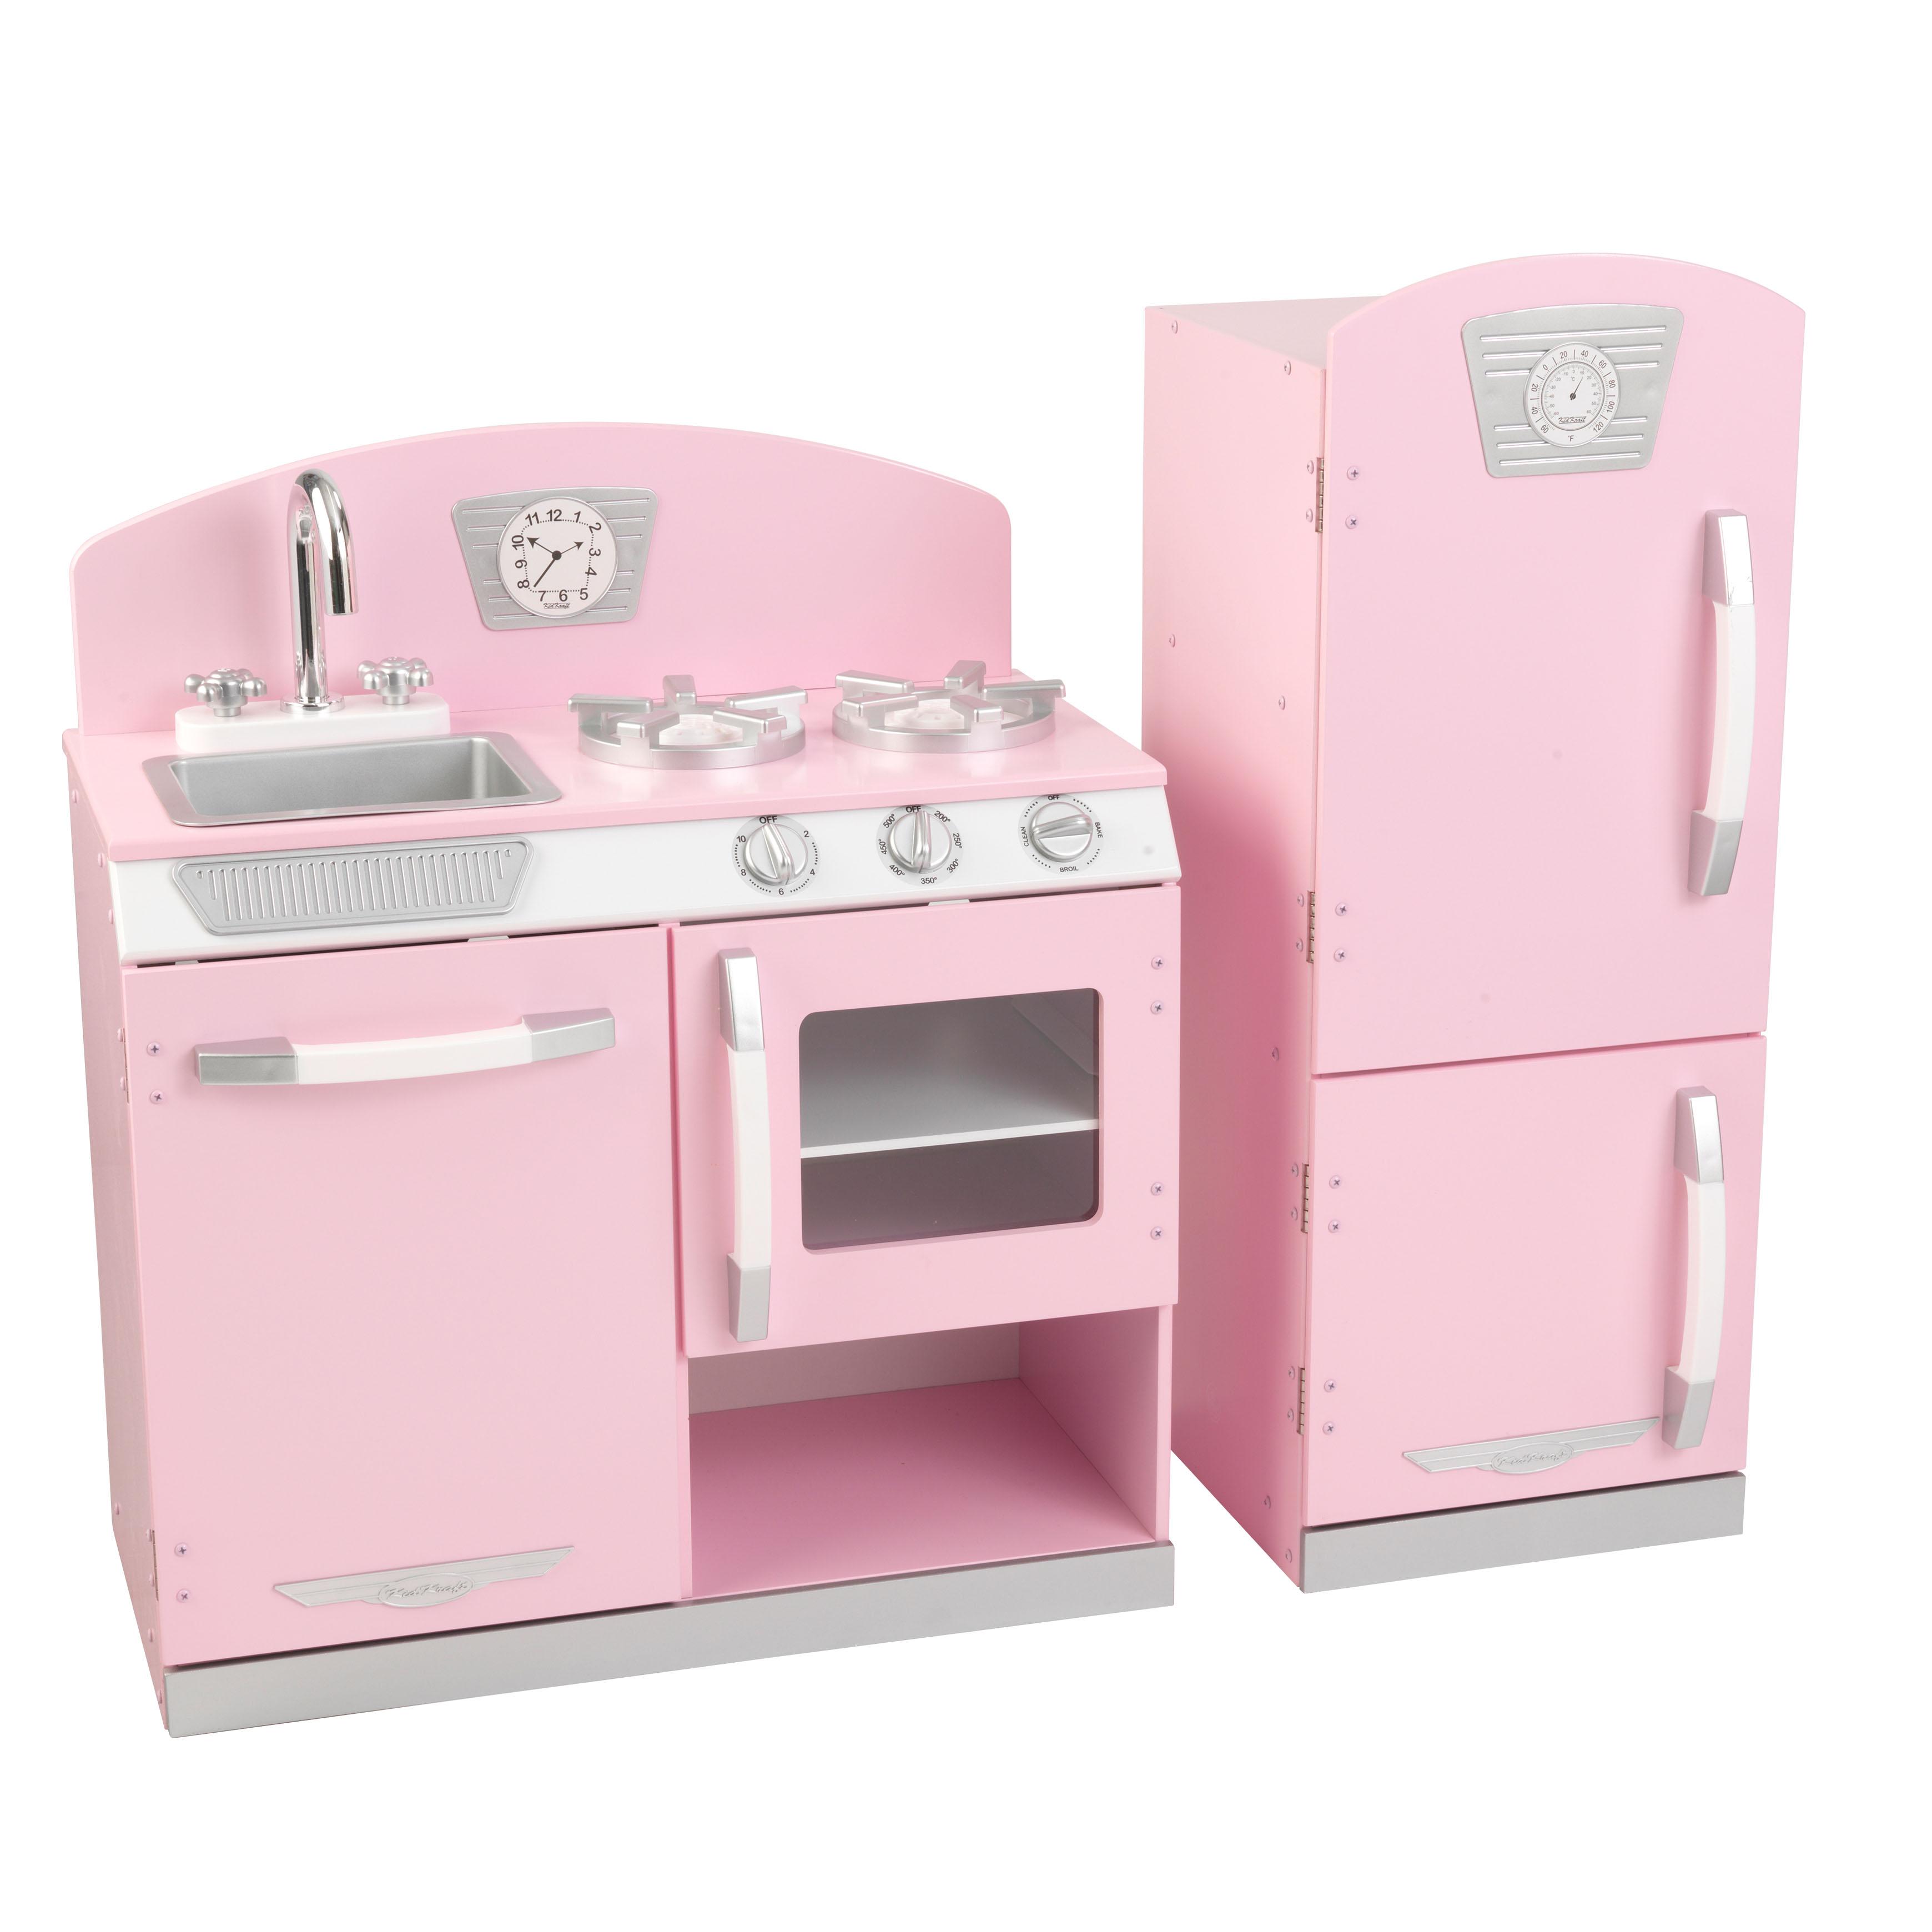 kidkraft pink retro kitchen & refrigerator - walmart